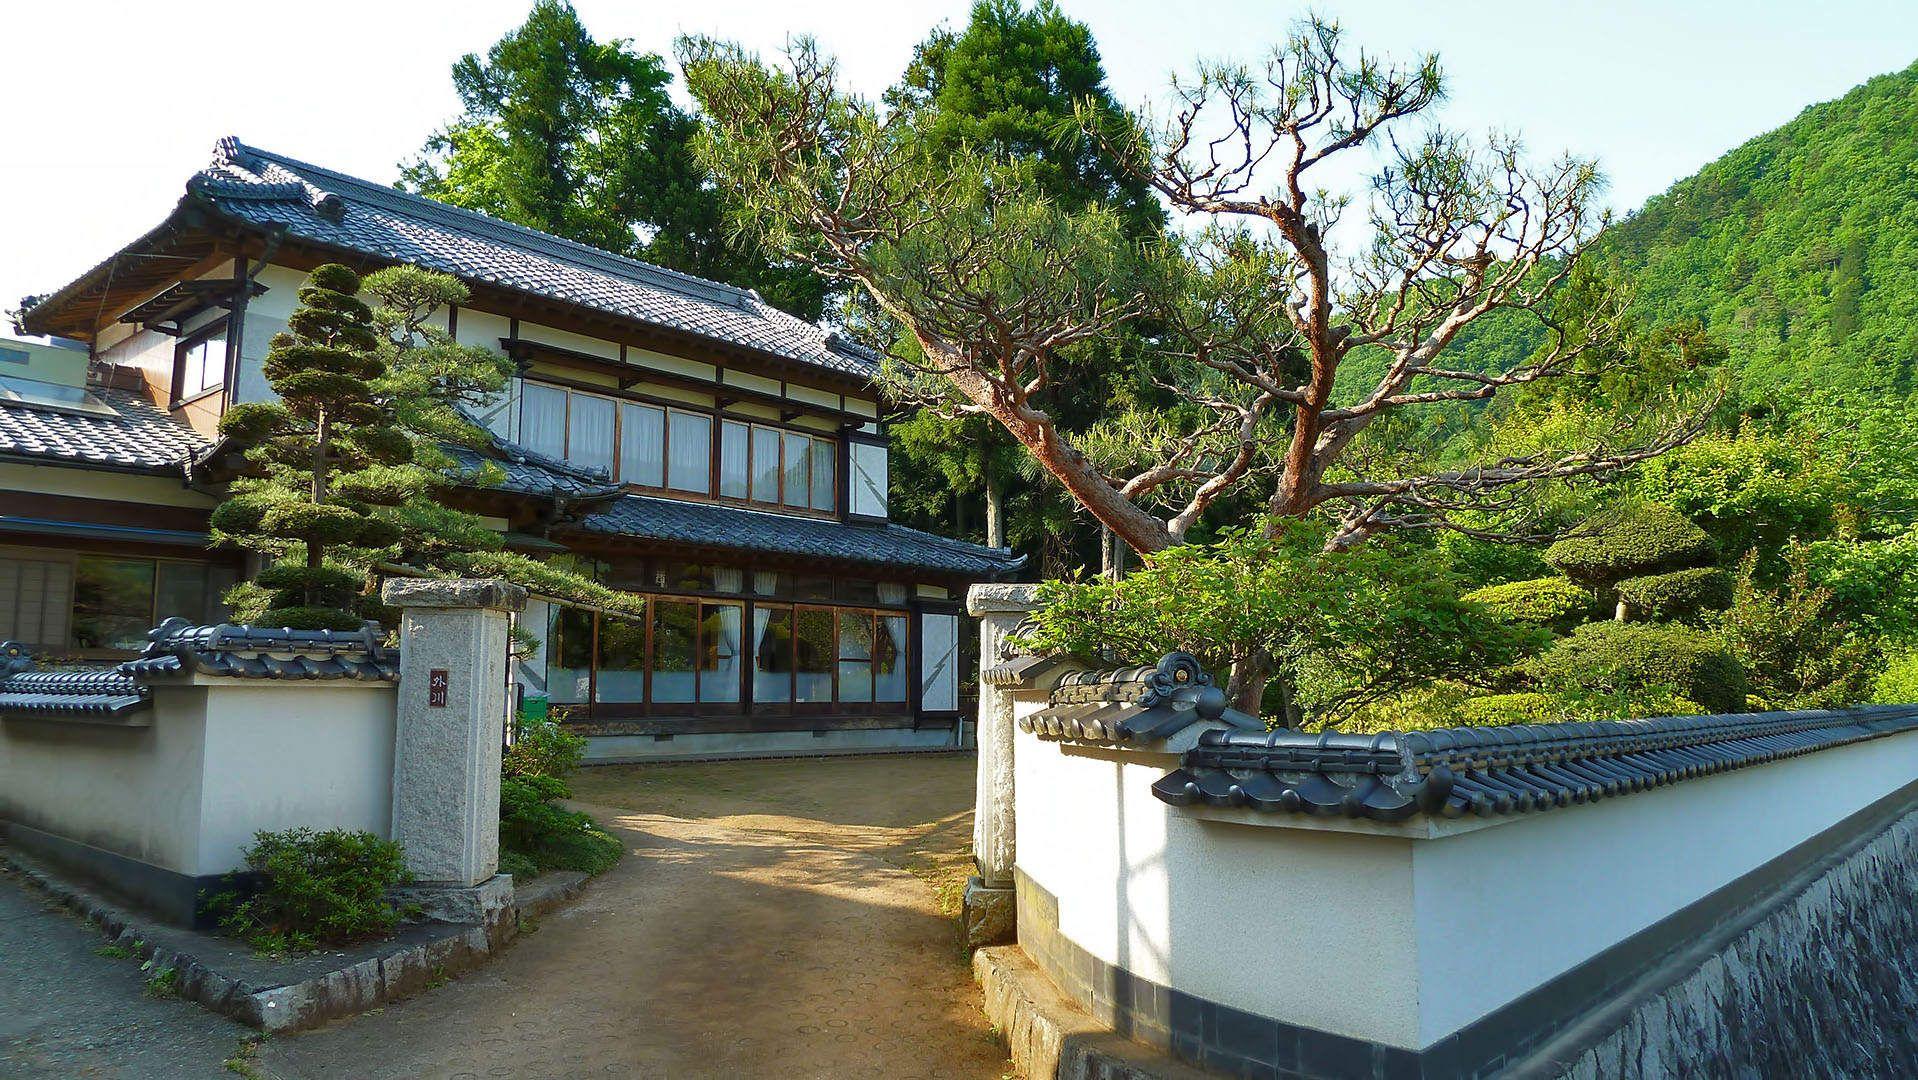 Traditional Japanese House Traditional Japanese House Archi Sochioko  Home Inspiration  Home